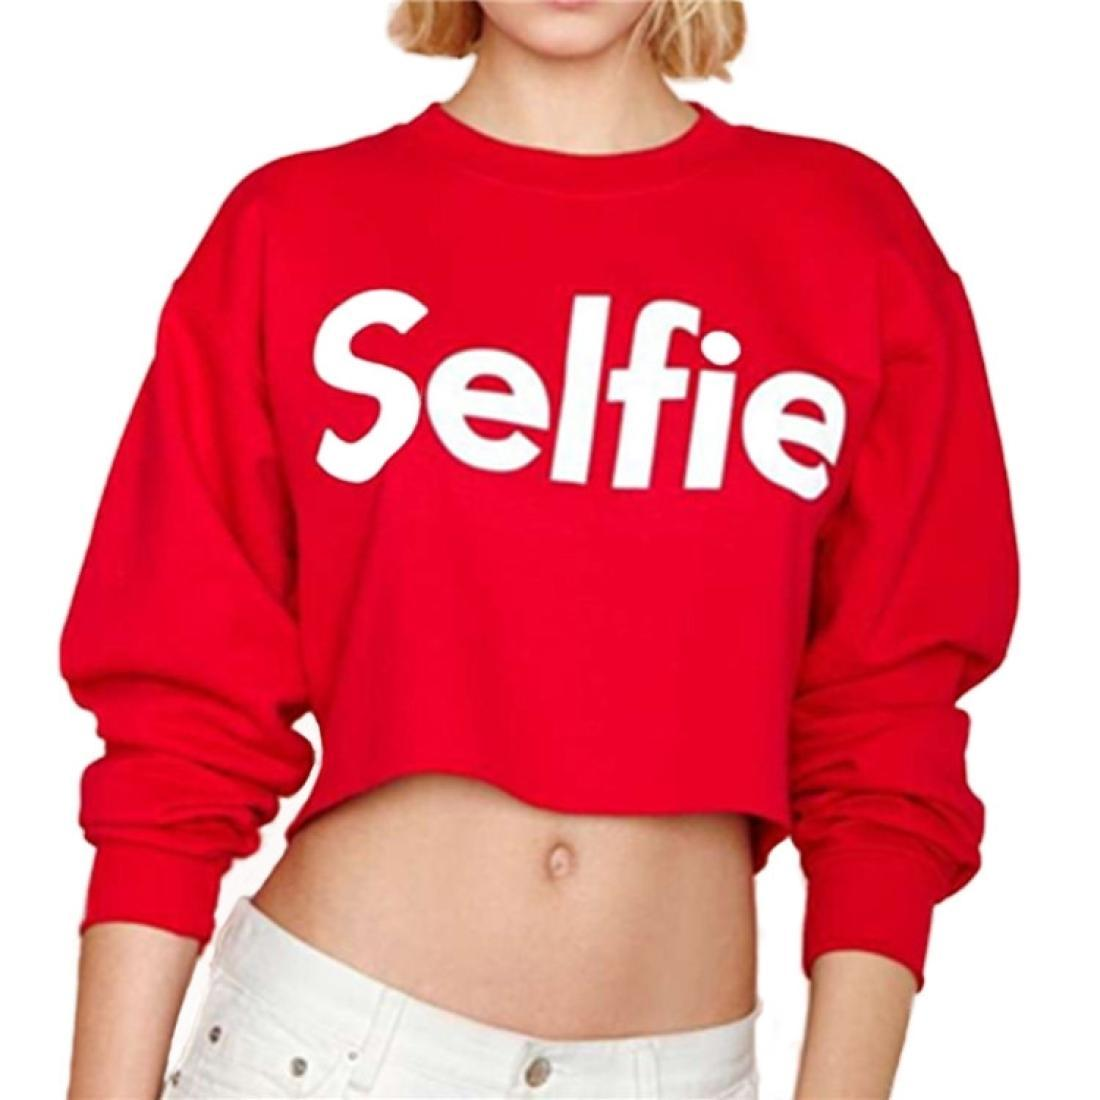 Случайные буквы рубашки женские свободные короткие параграф пупок с длинными рукавами круглые шеи свитер Размер XL